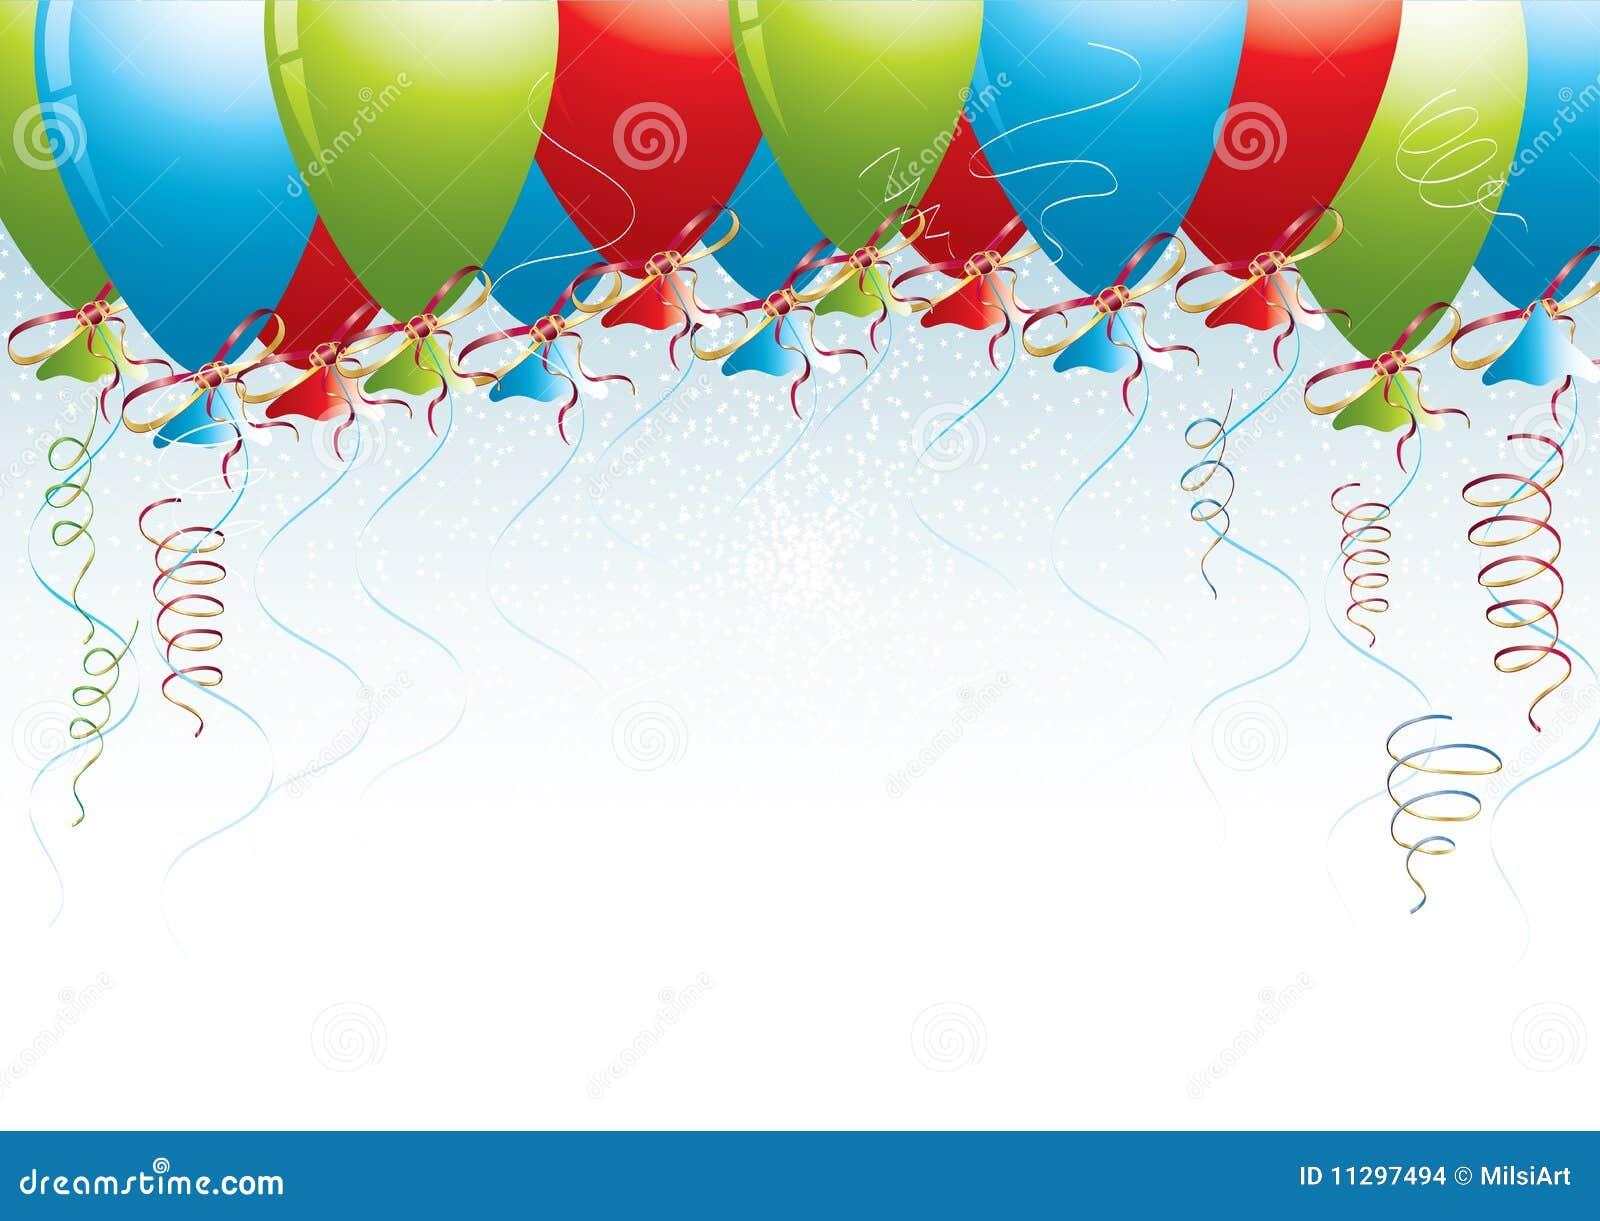 Celebration Background Stock Images Image 11297494